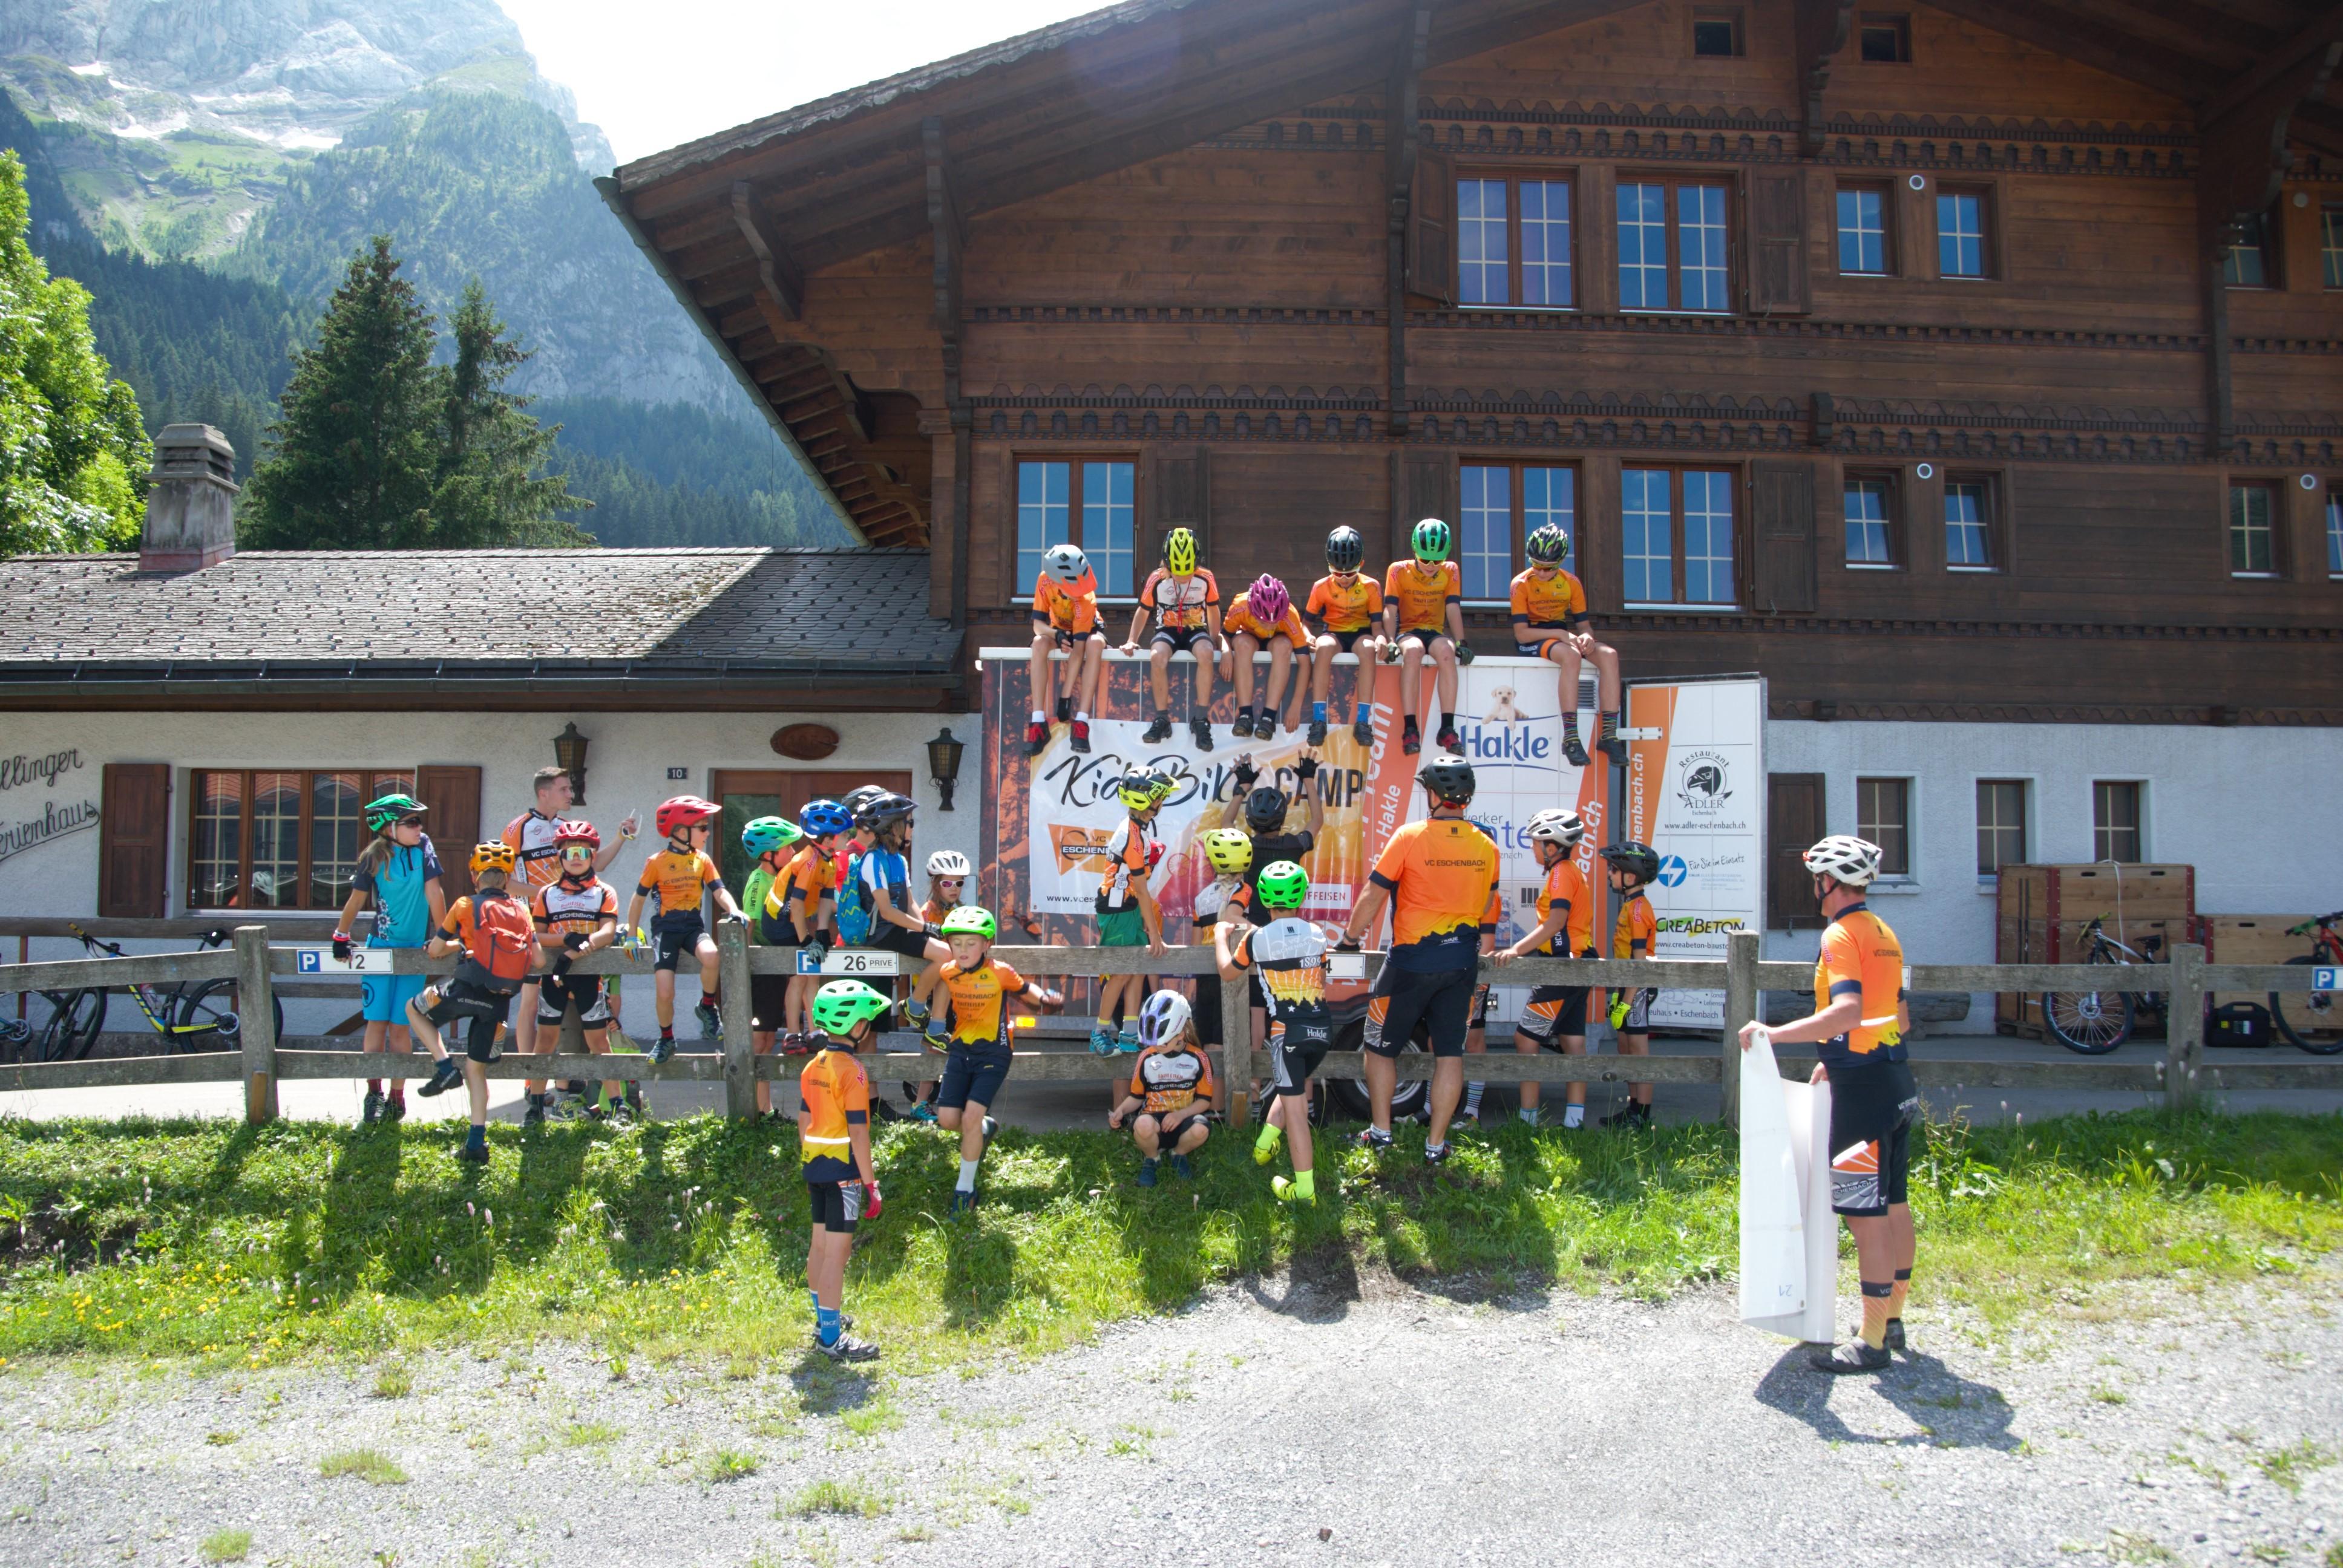 Kids Bikecamp 2021 Gsteig b. Gstaad